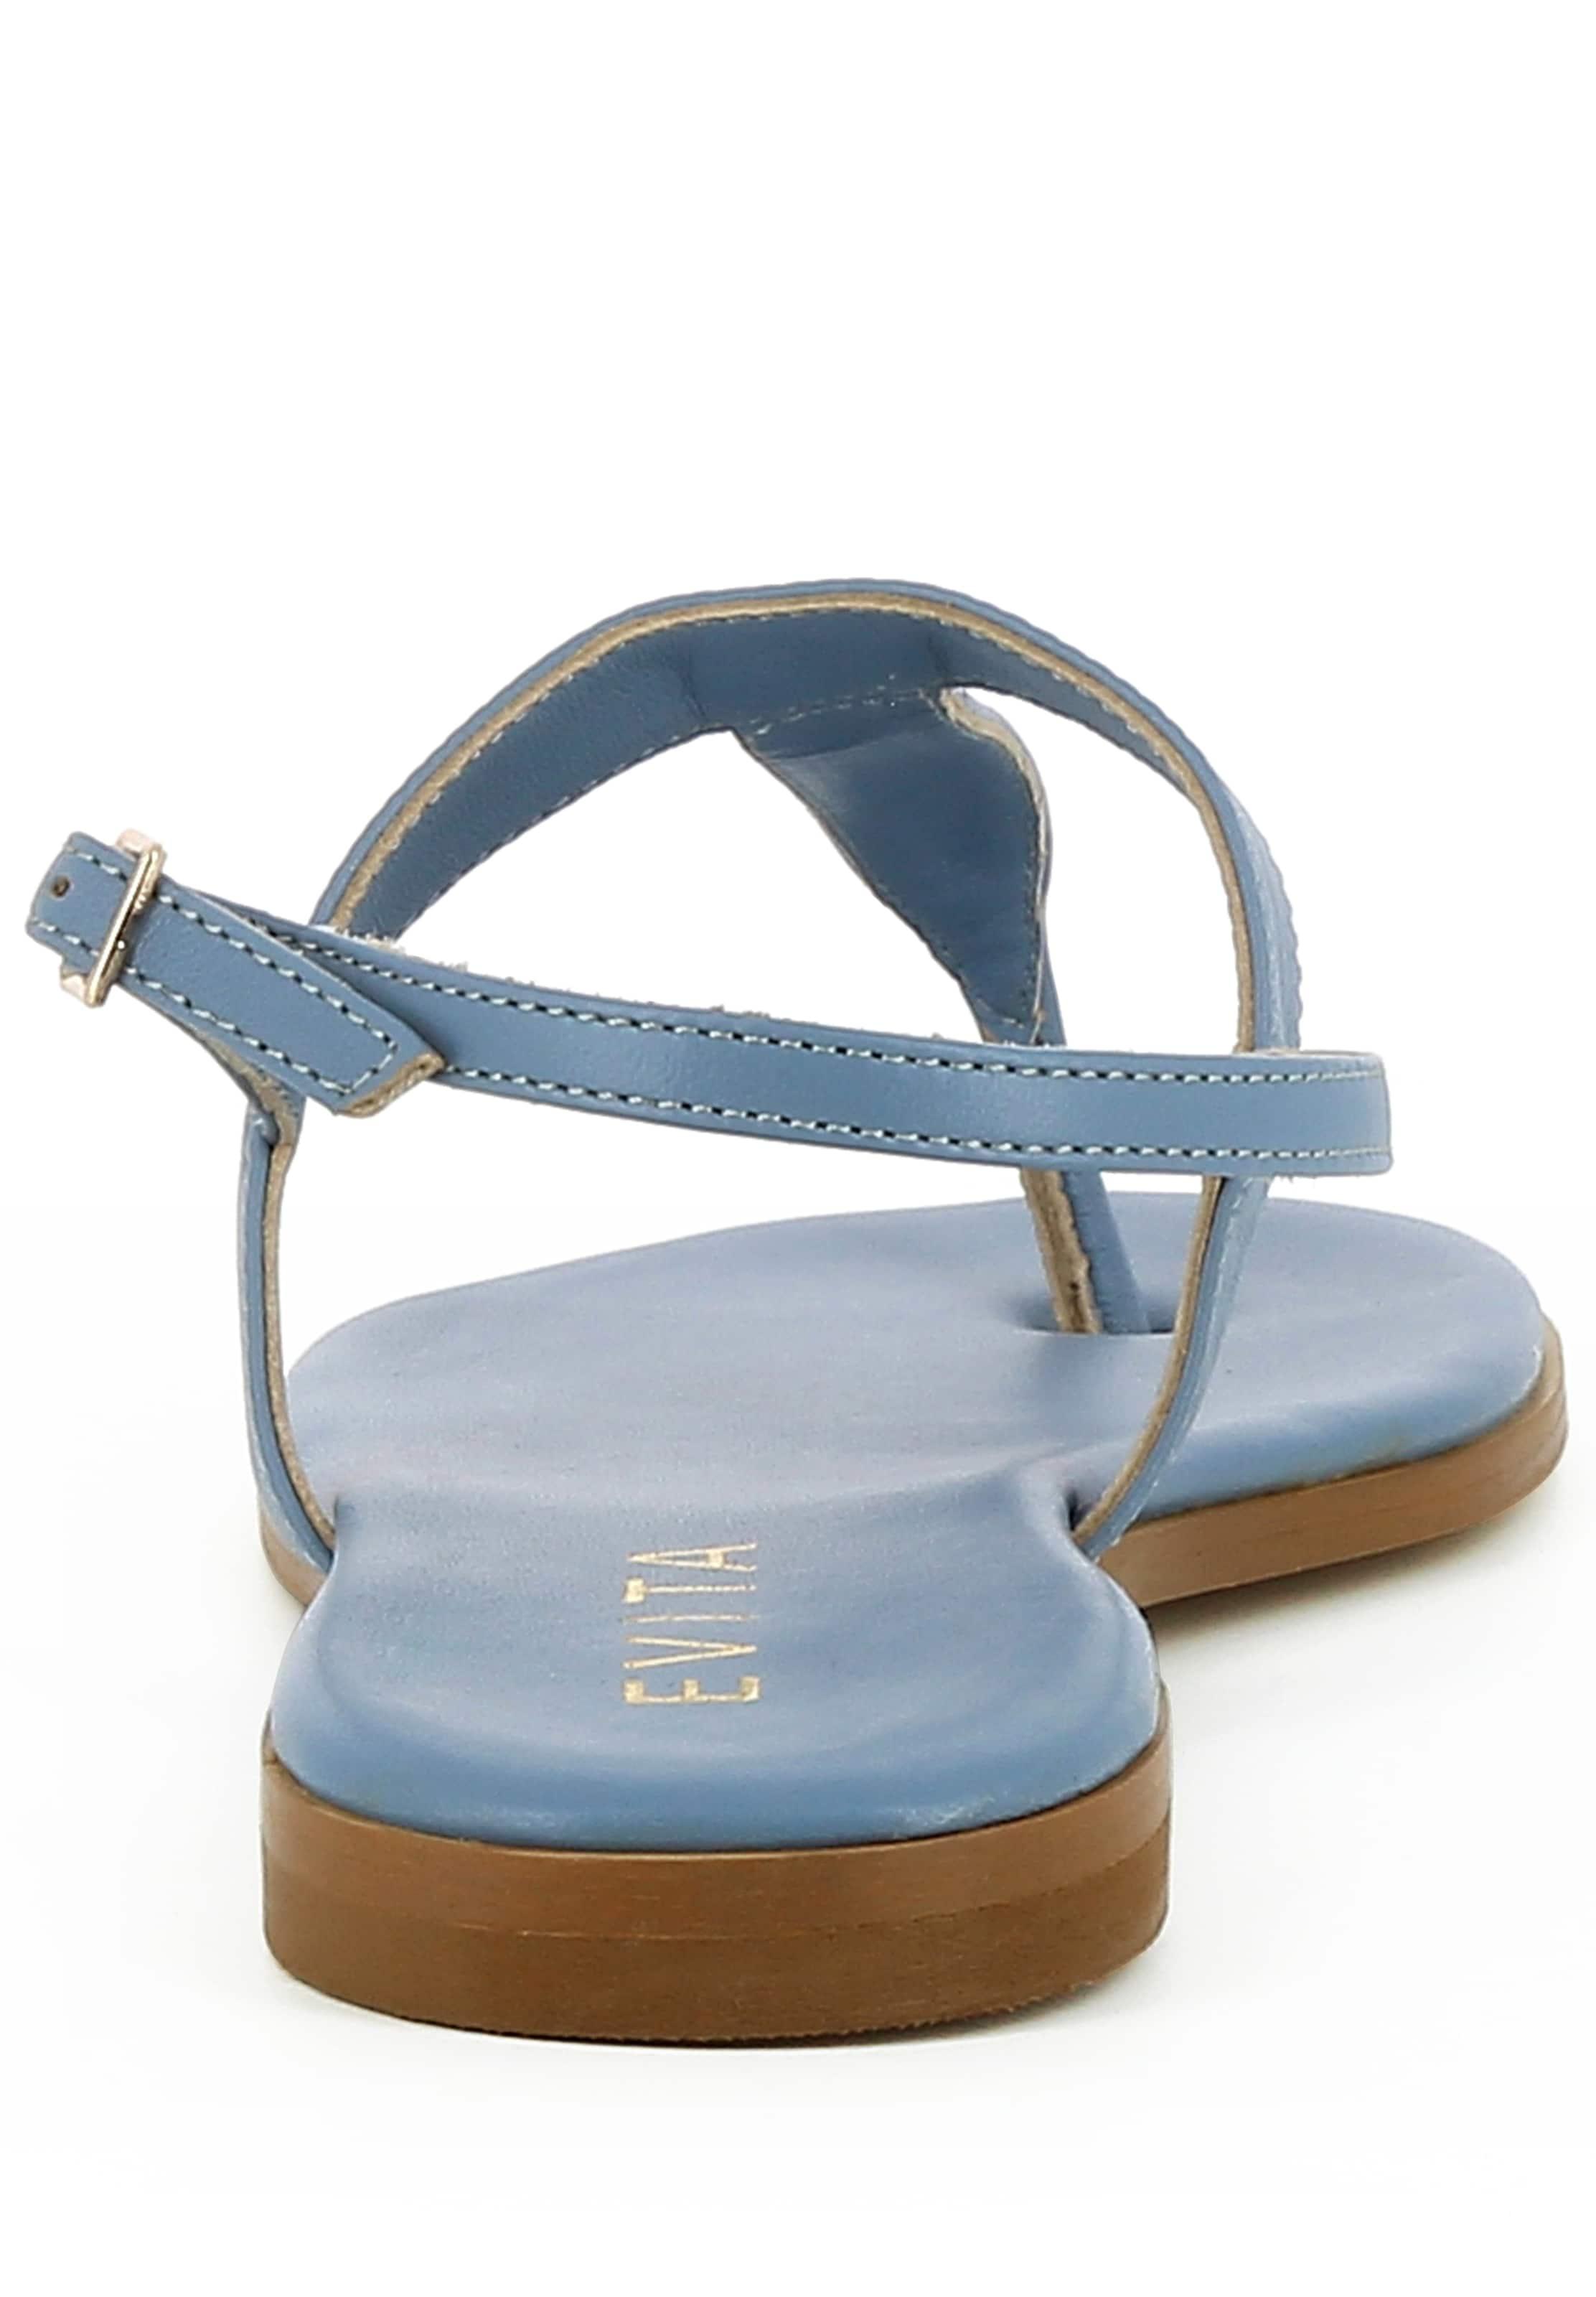 Sandale Sandale 'olimpia' Evita Evita Evita In 'olimpia' In Hellblau Hellblau nOkwN0P8X